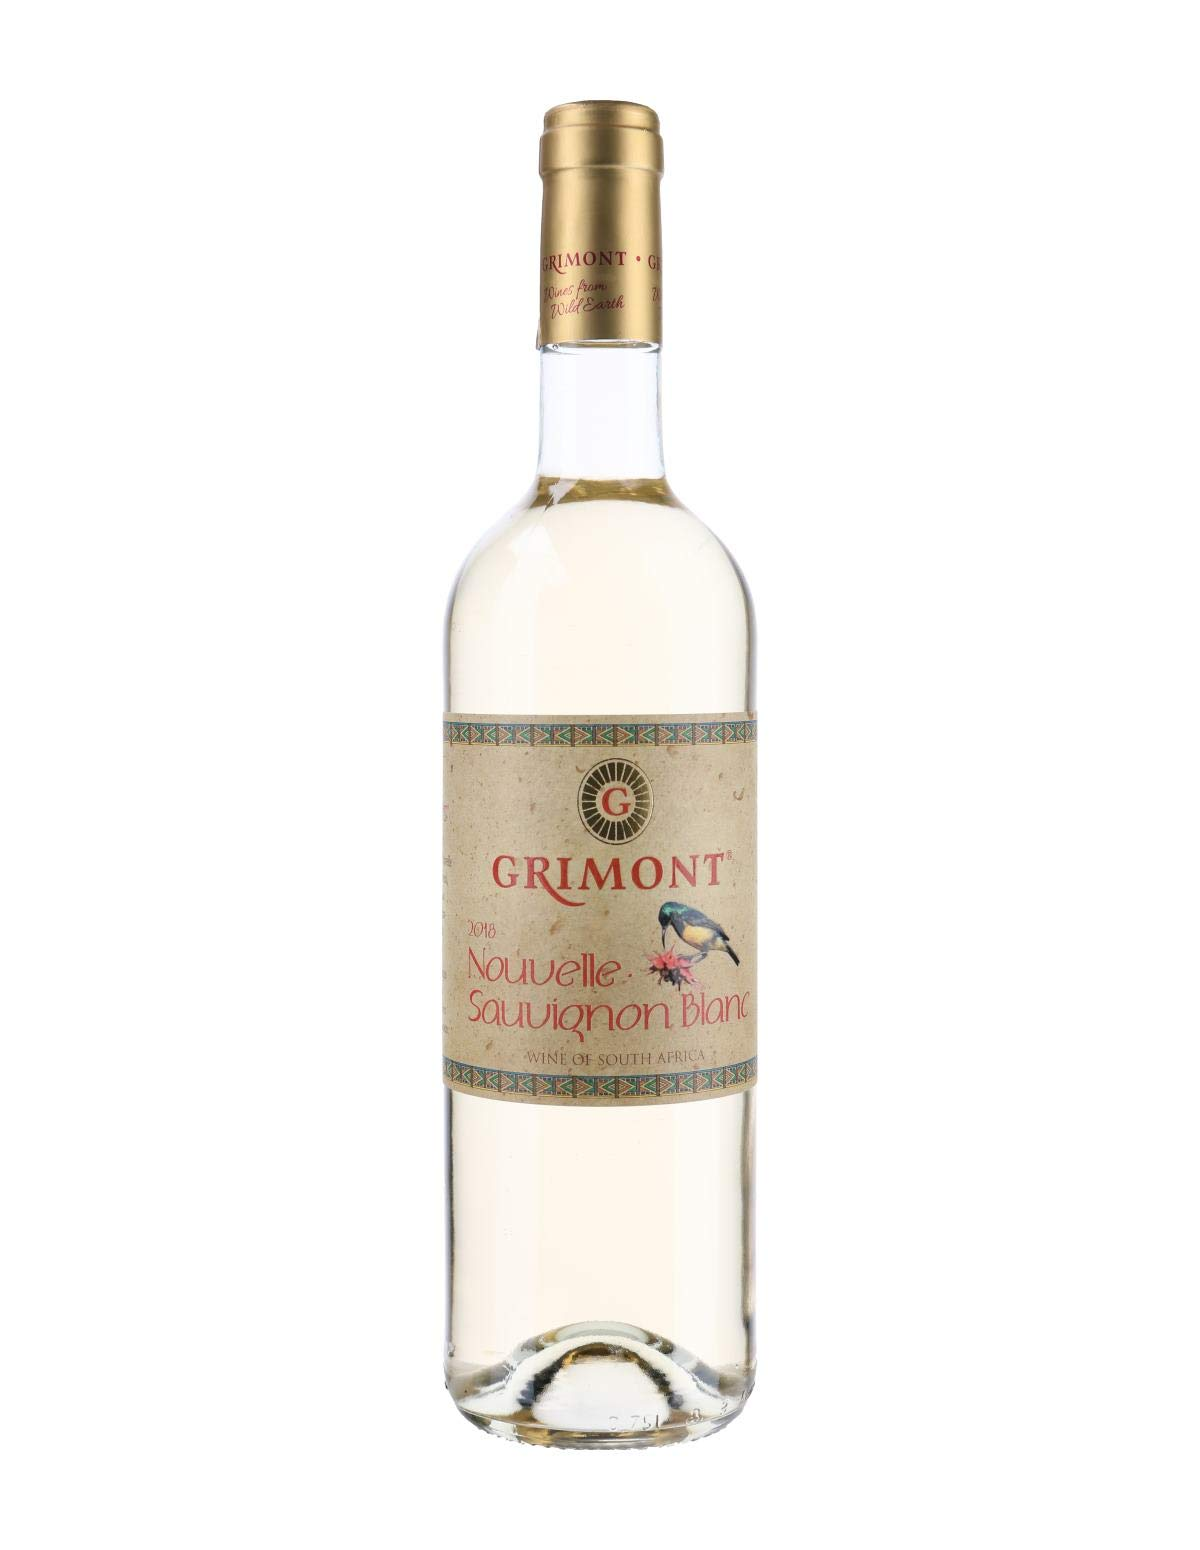 Grimont-Nouvelle-Sauvignon-Blanc-s-Weiwein1x-0750-Ltr